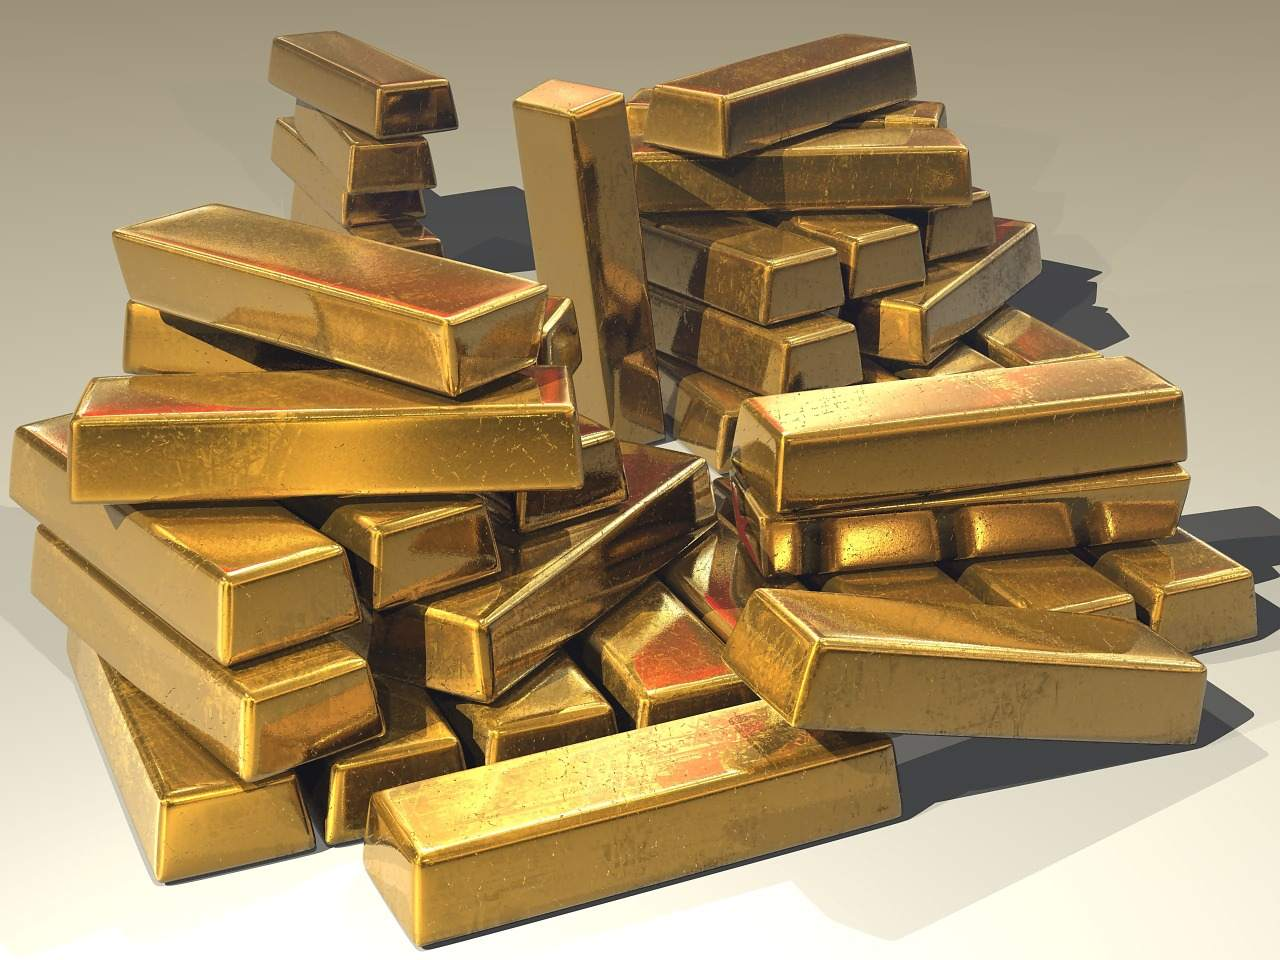 Gold Barren Beispielfoto - Goldpreis fällt